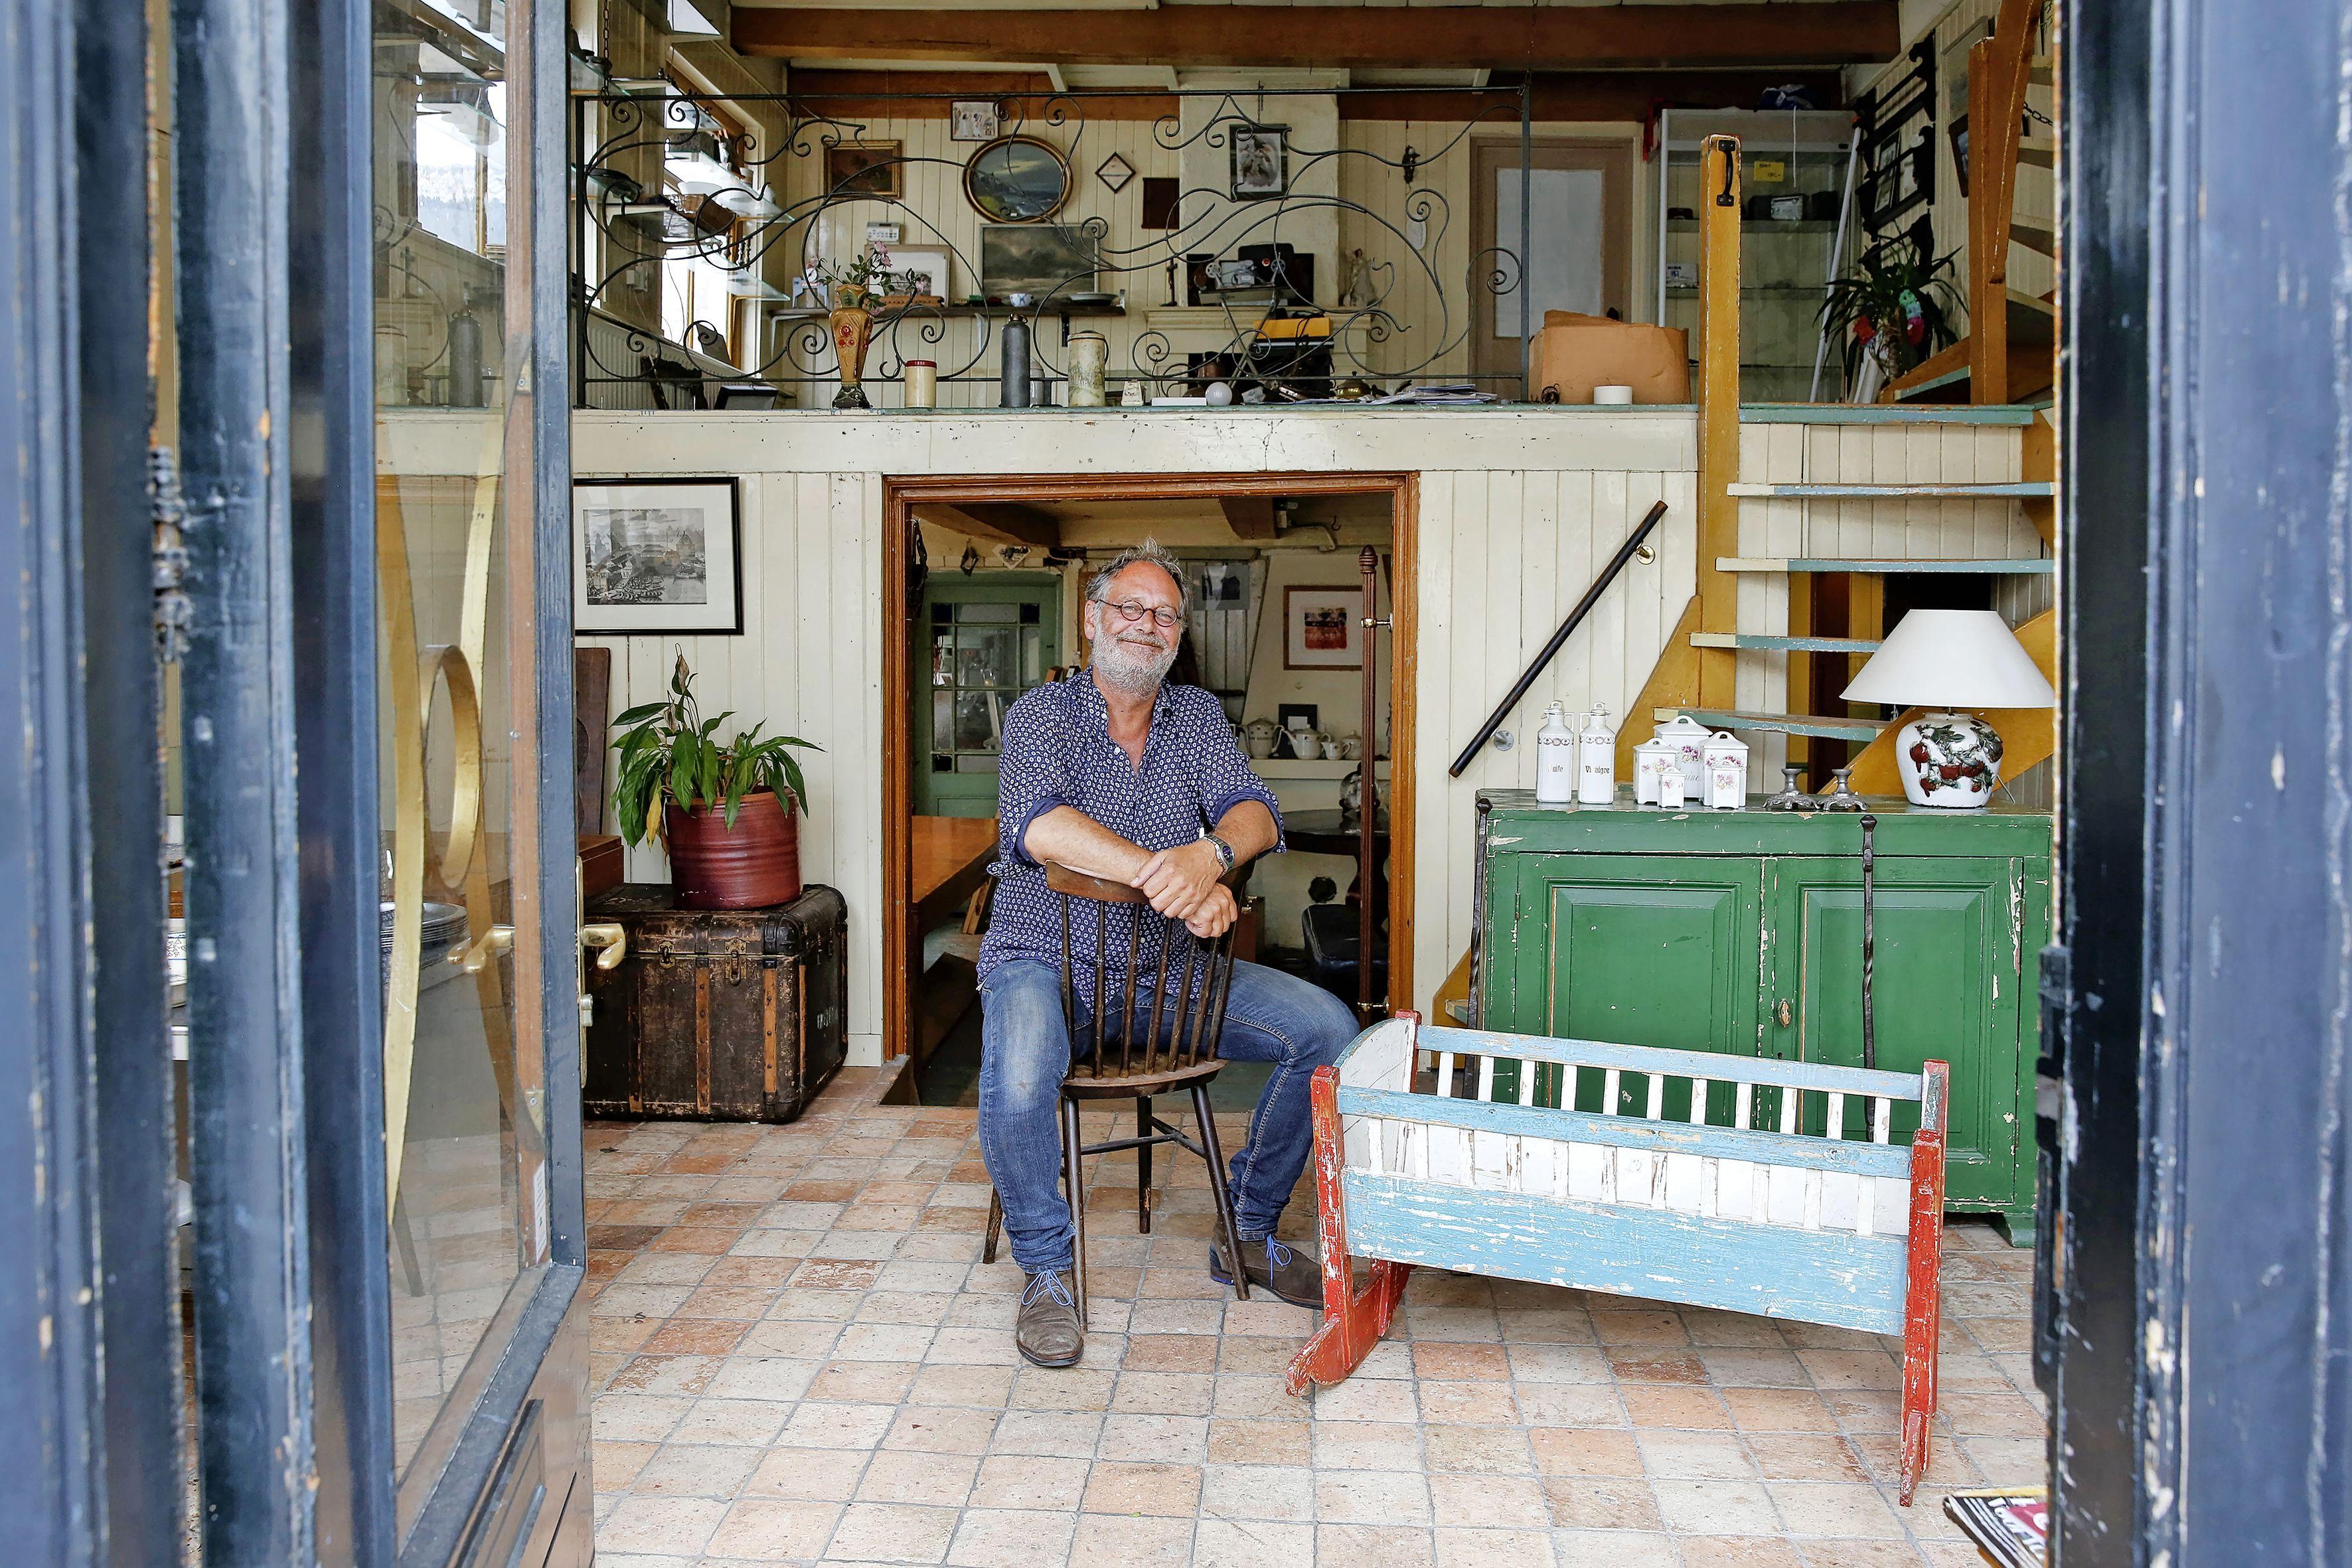 Buys Antiek in Naarden-Vesting sluit na halve eeuw de deuren, Jelle Ehlhardt wel verder met Gooische Bankjes en restauratieklussen: 'Ik blijf doen wat ik echt leuk vindt'